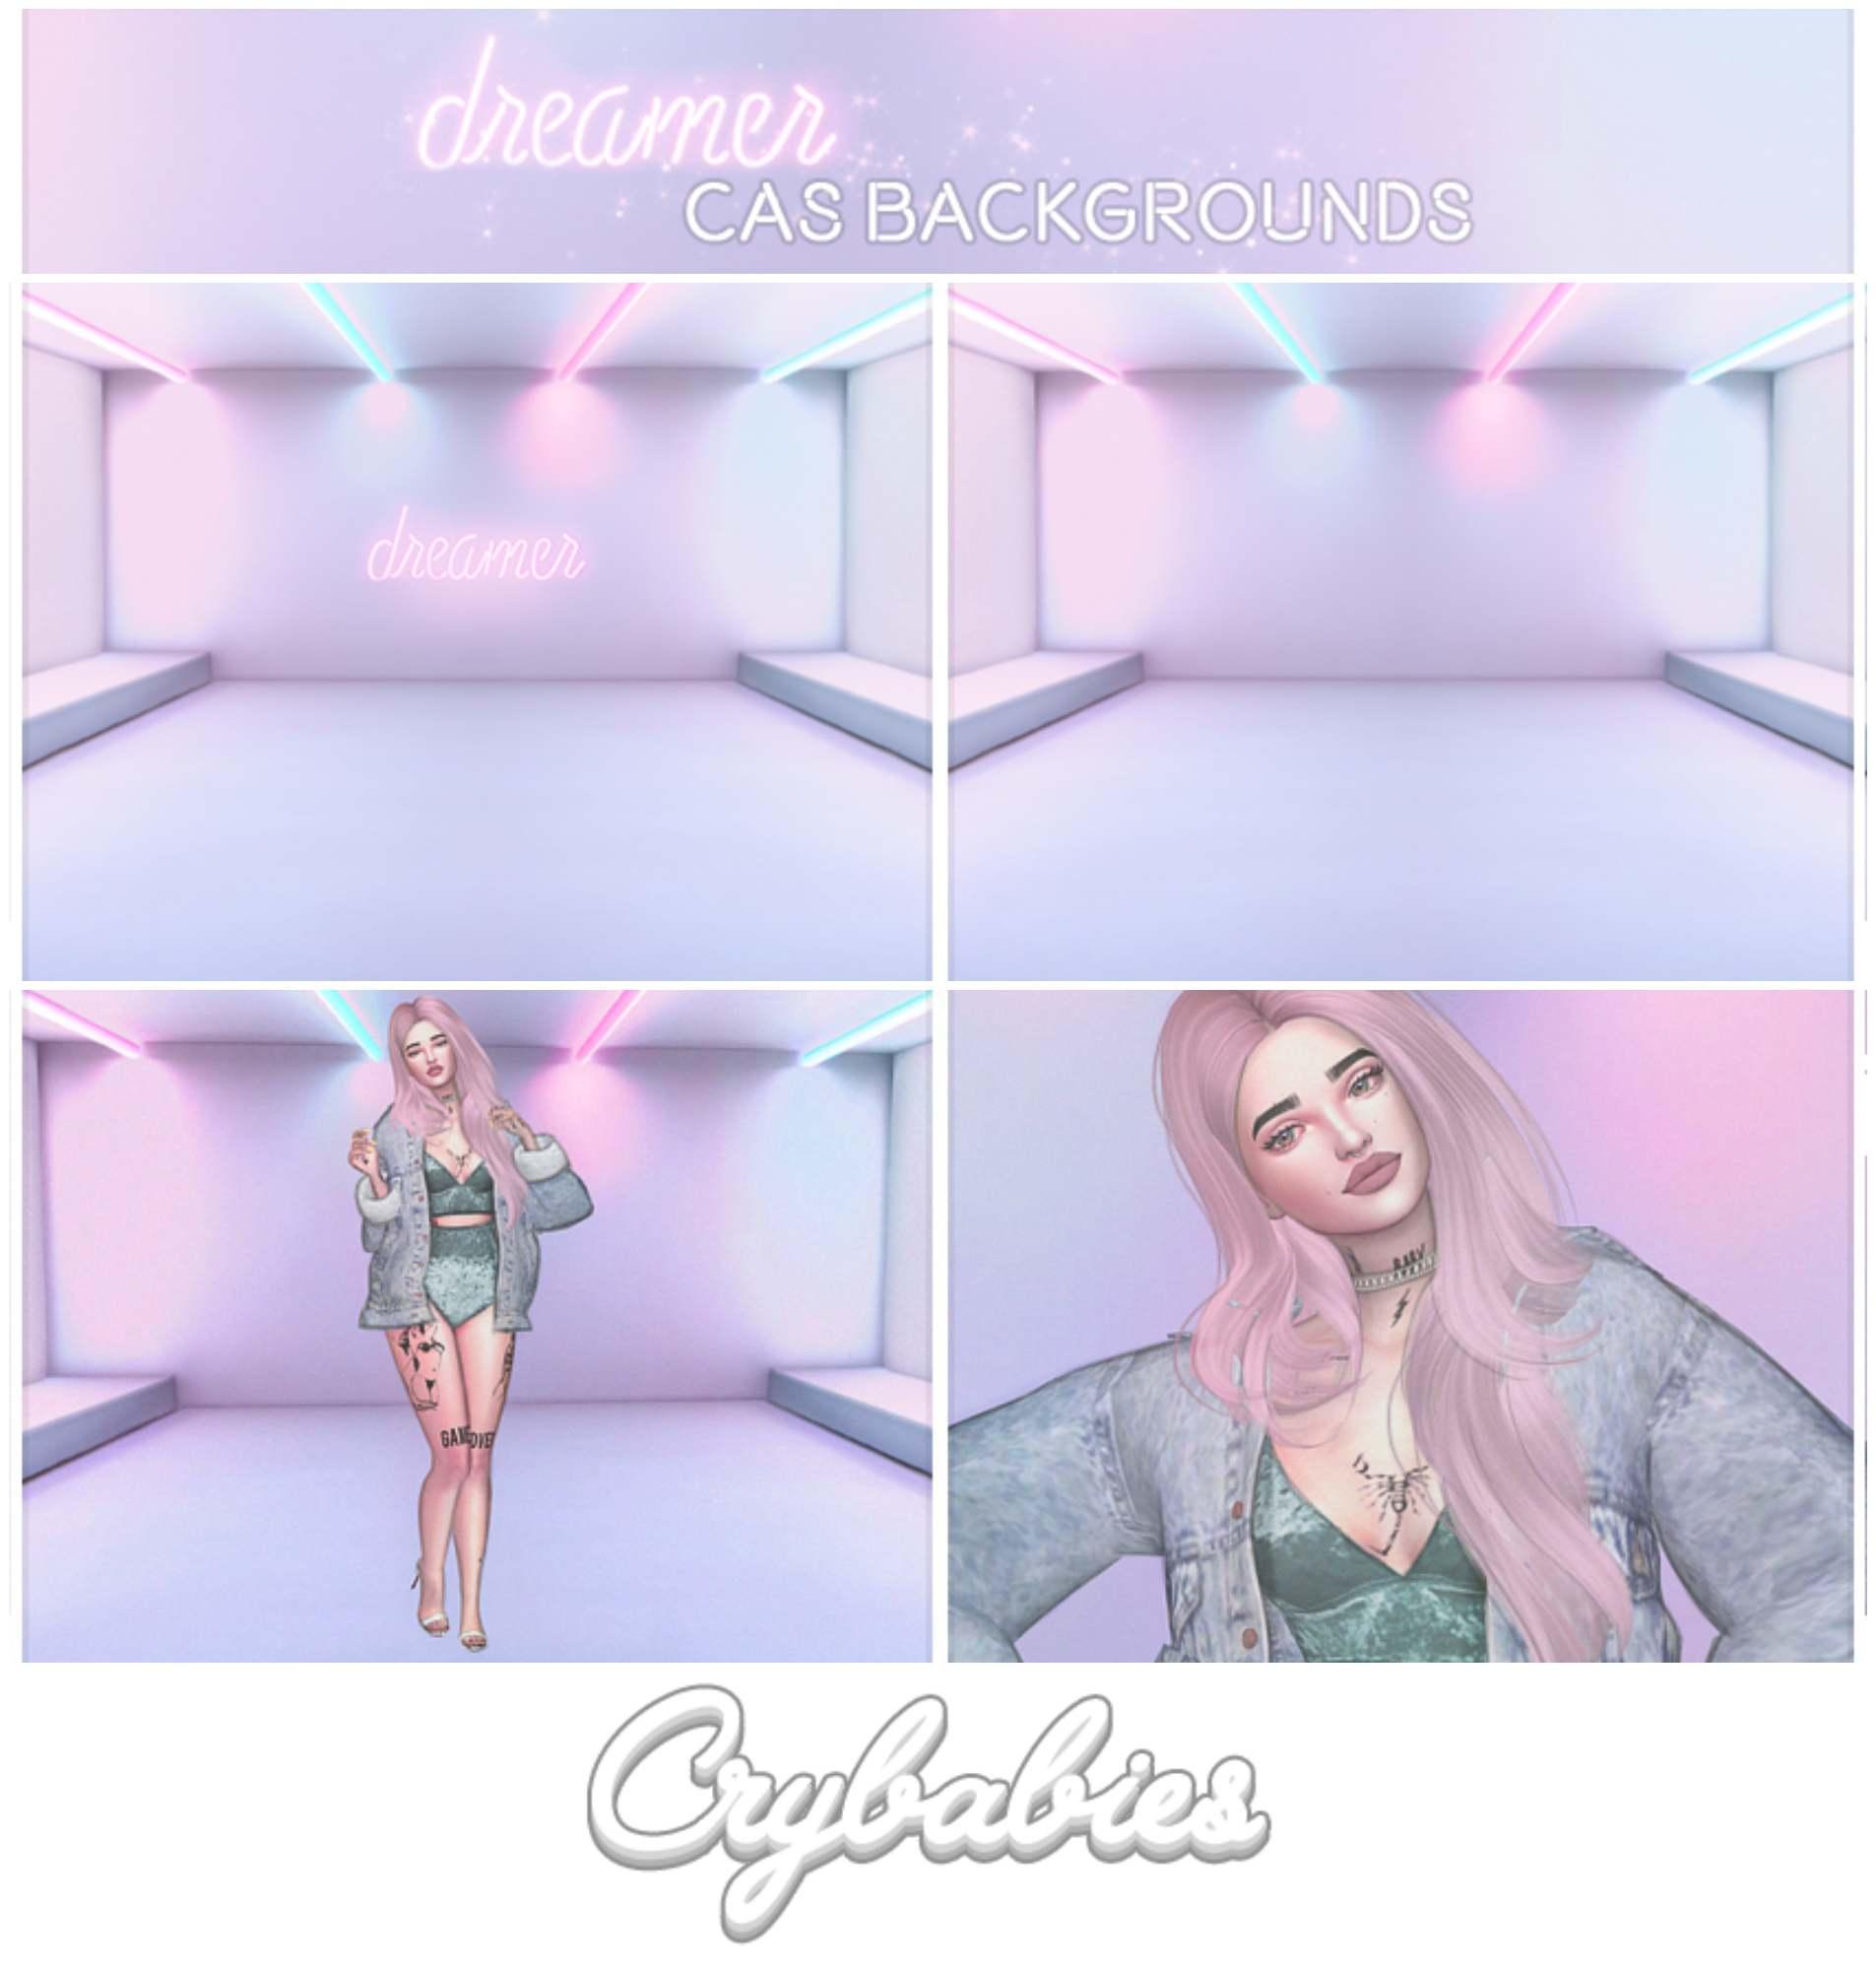 Фон для CAS - Dreamer CAS Backgrounds